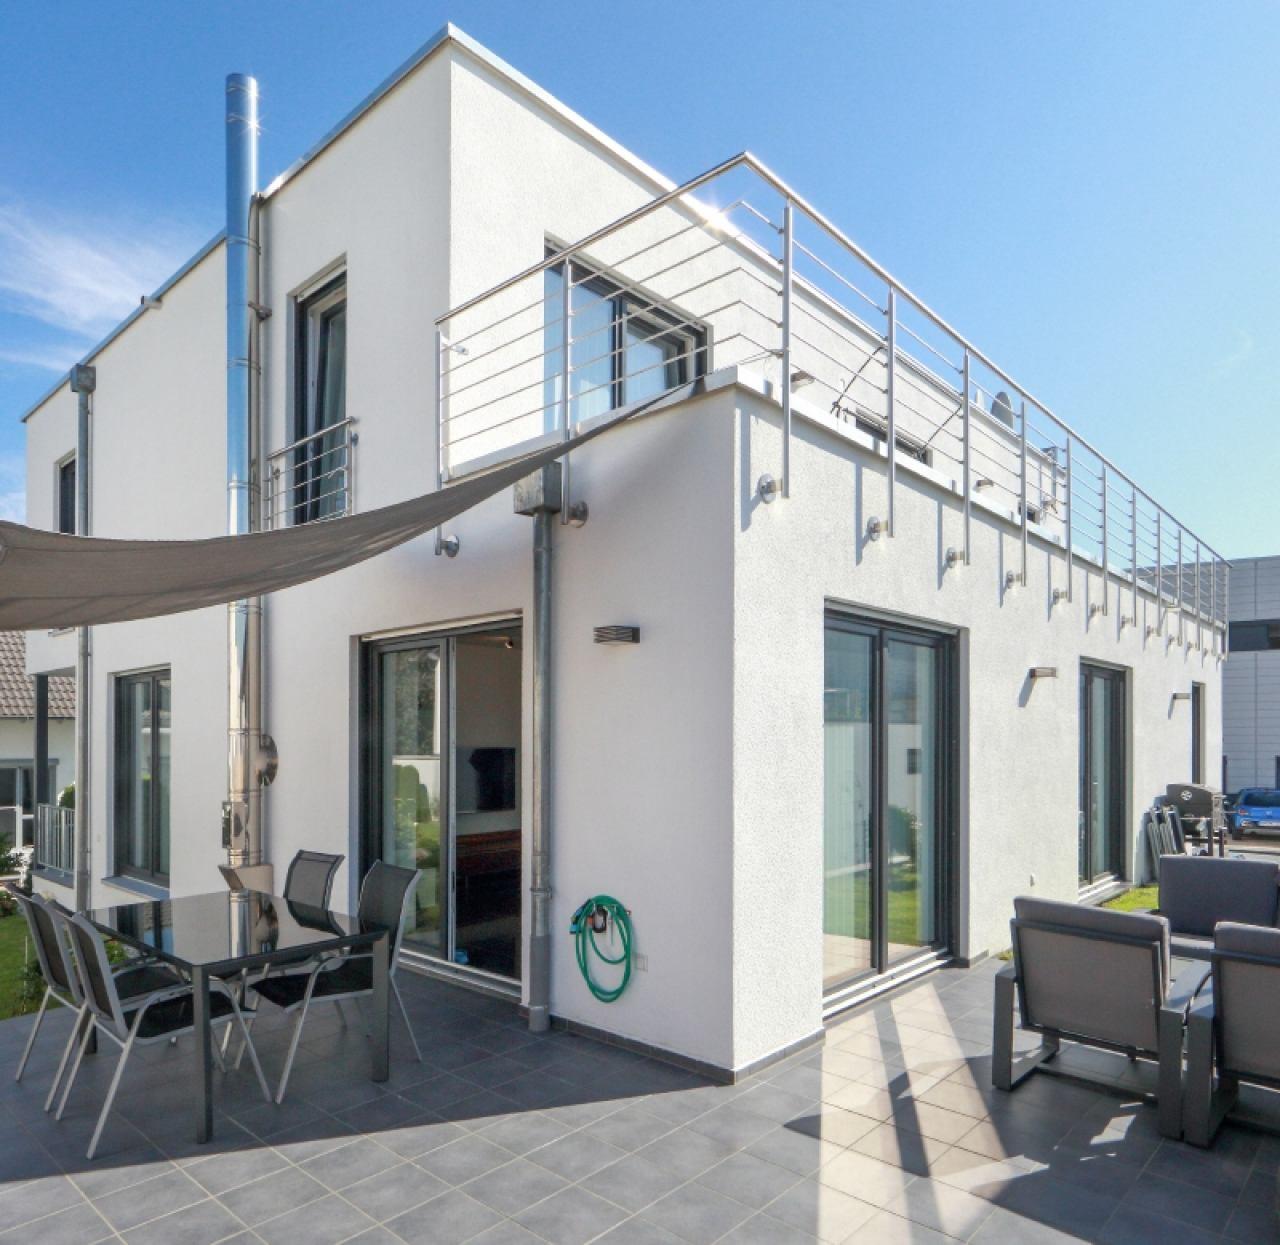 Immobilien Zum Kauf In Fußbach Gengenbach: Lifestyle Haus Der Extraklasse